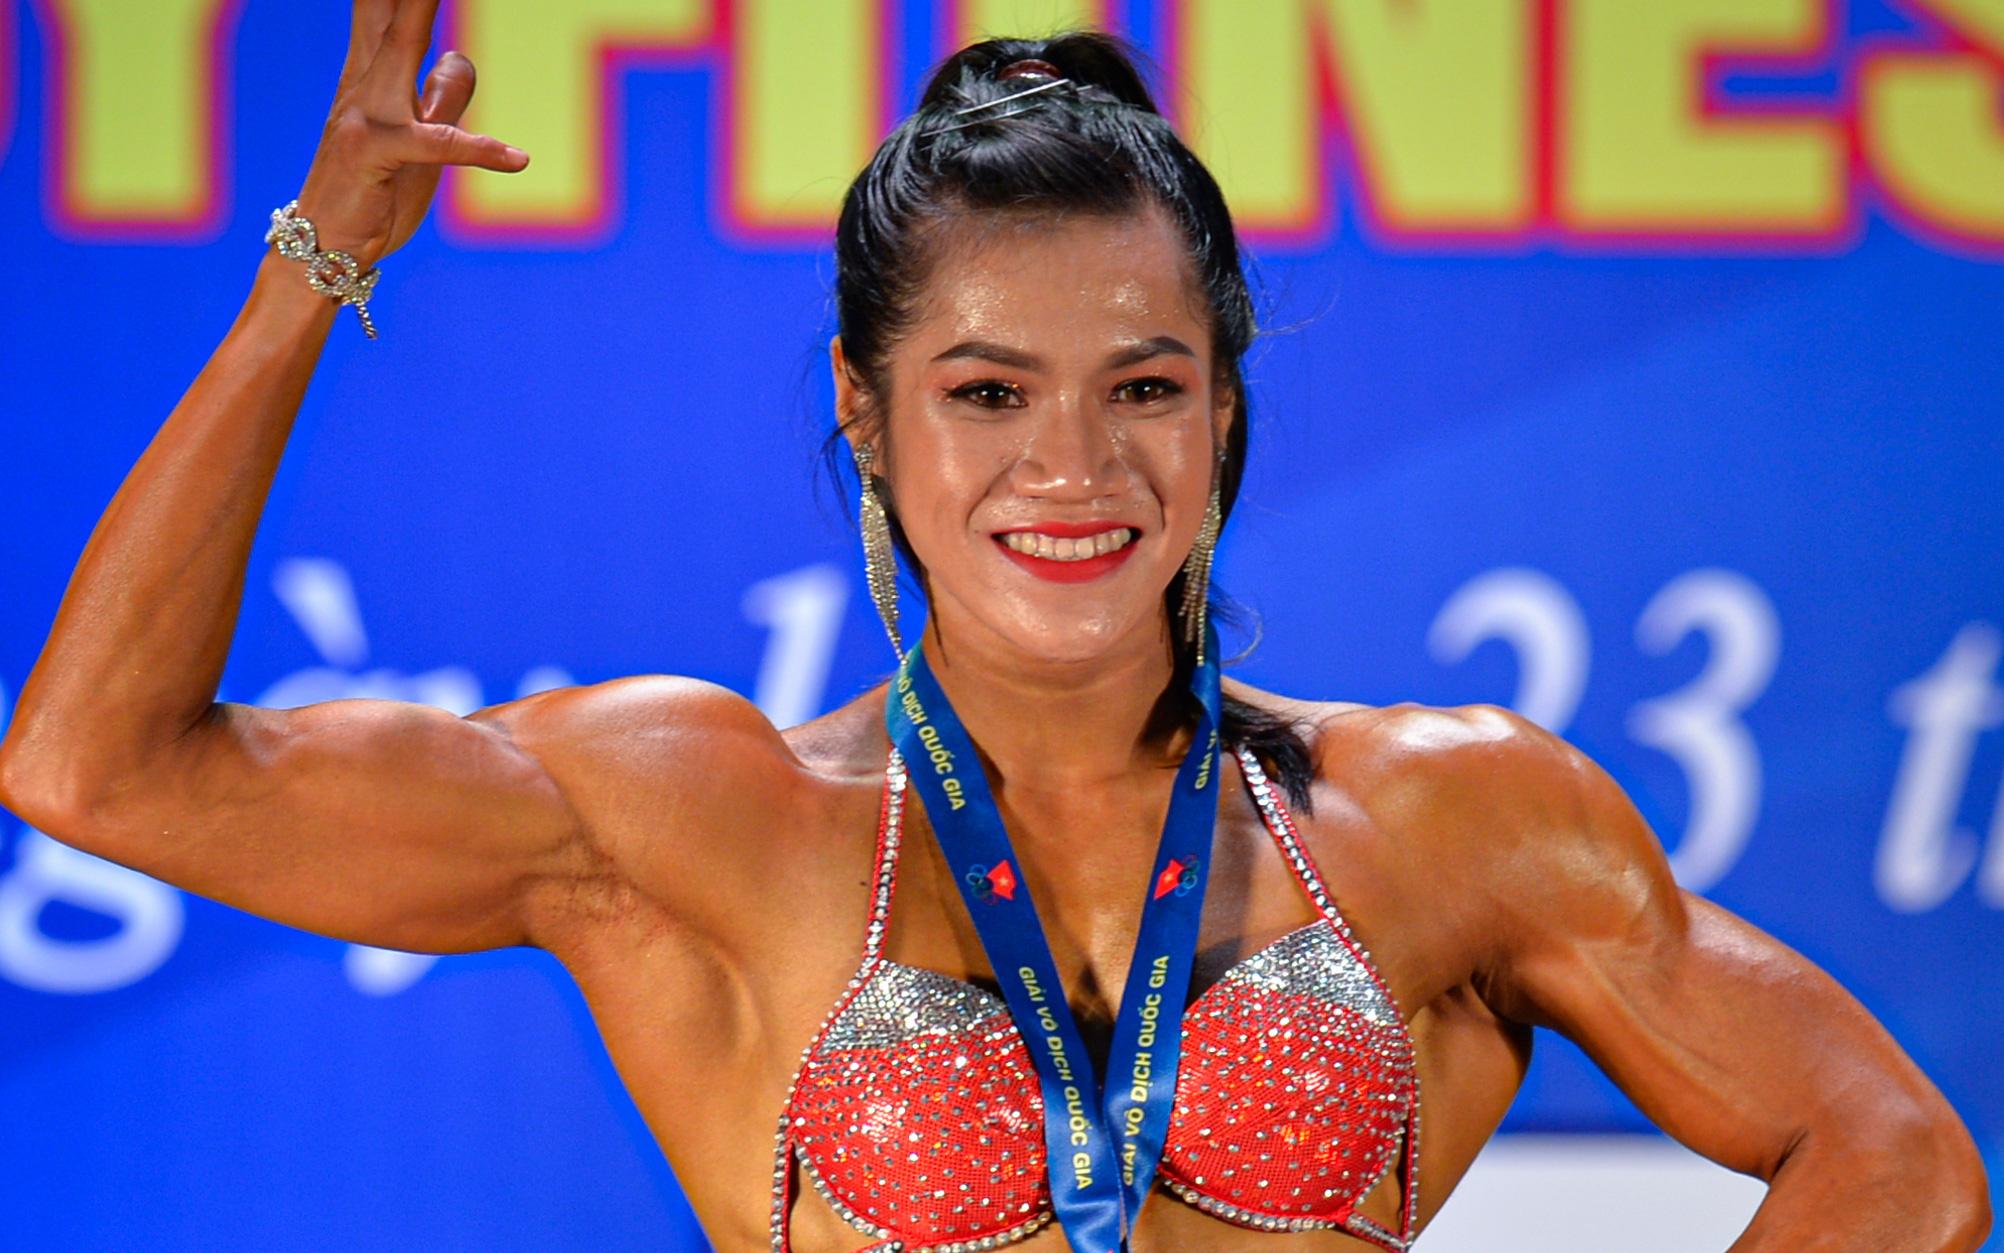 Tỏa sáng trong bộ bikini, Hot Tiktoker Trần Ny Ny nâng tổng số huy chương Vàng tại giải thể hình quốc gia lên con số 4